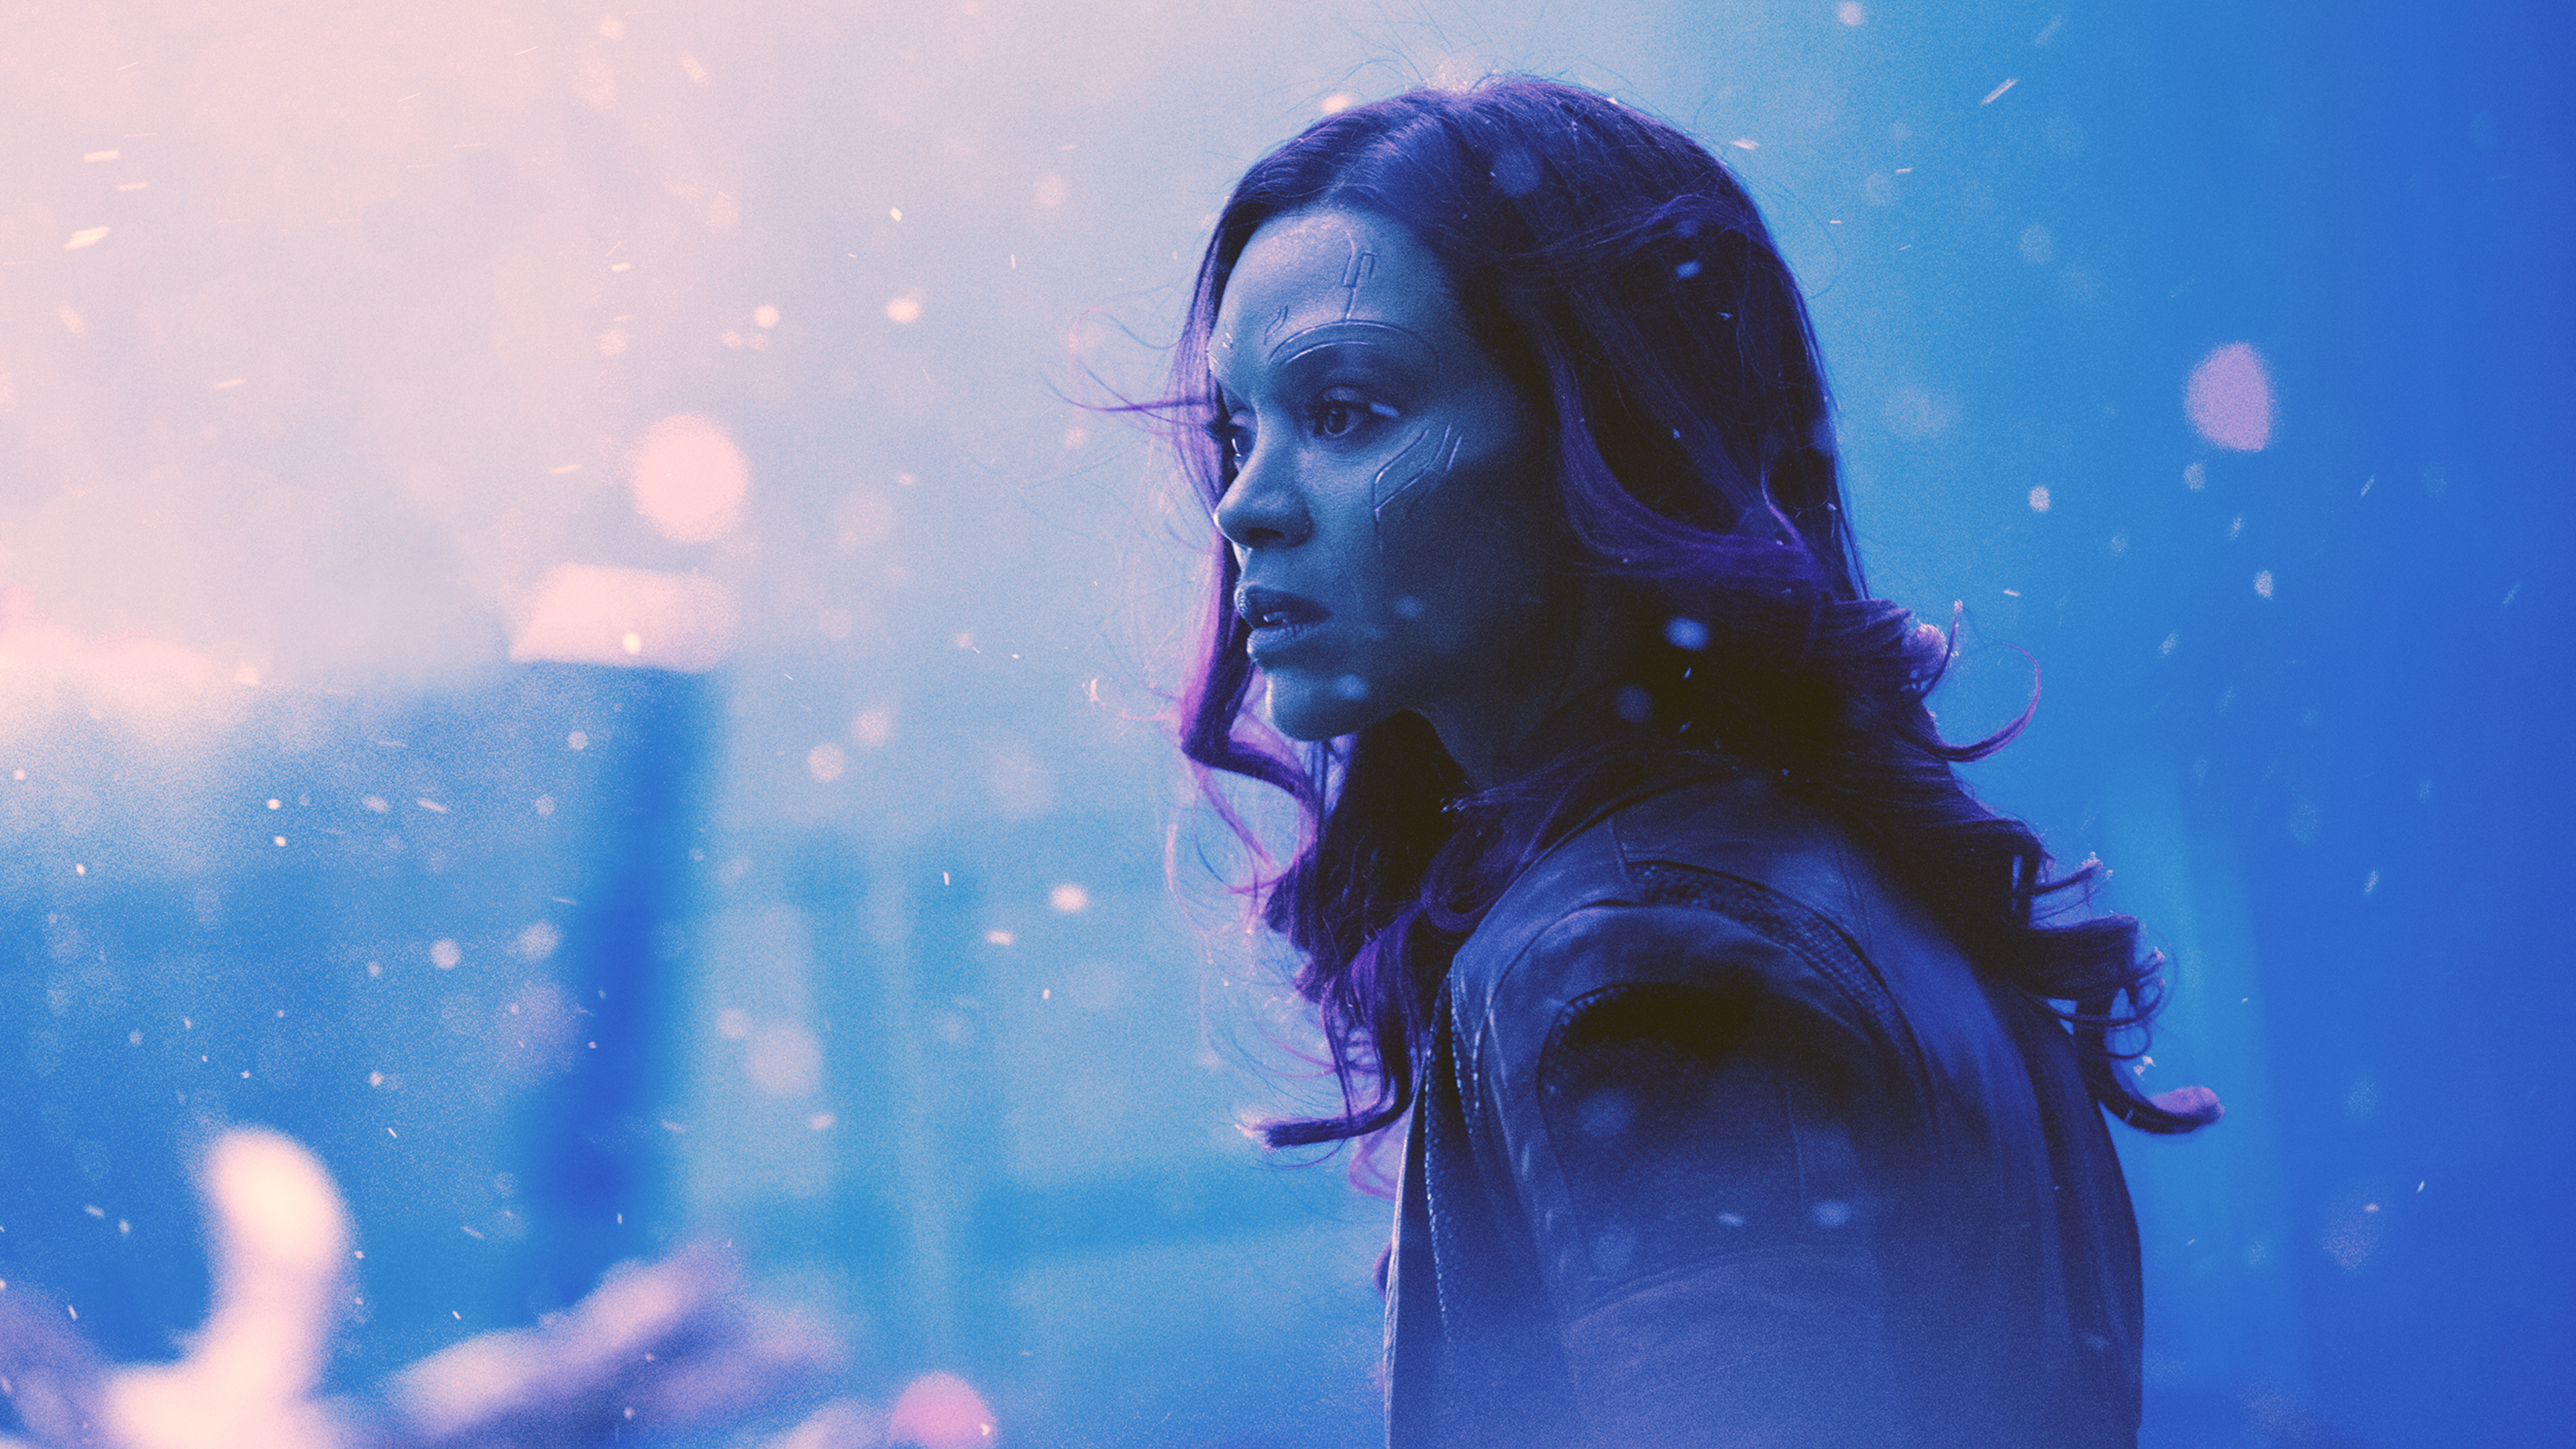 gamora-avengers-infinity-war-vz.jpg